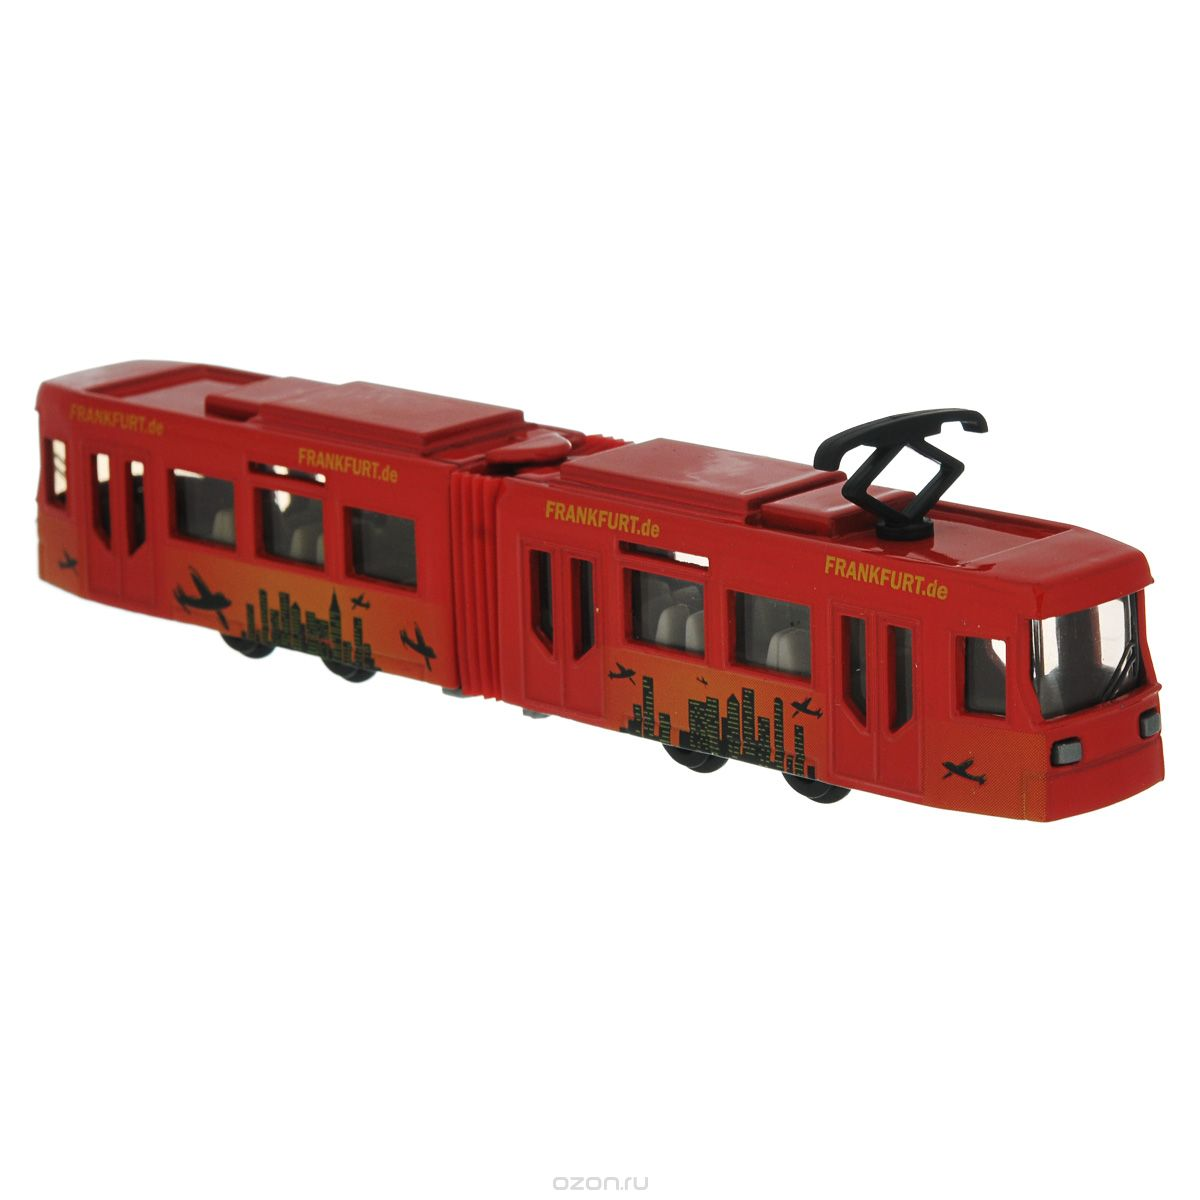 """Трамвай """"Siku"""" выполнен из металла с элементами из пластика; его колесики крутятся. Такая модель понравится не только ребенку, но и взрослому коллекционеру, и приятно удивит вас высочайшим качеством исполнения. Трамвай станет не только интересной игрушкой для ребенка, интересующегося городской техникой, но и займет достойное место в коллекции."""